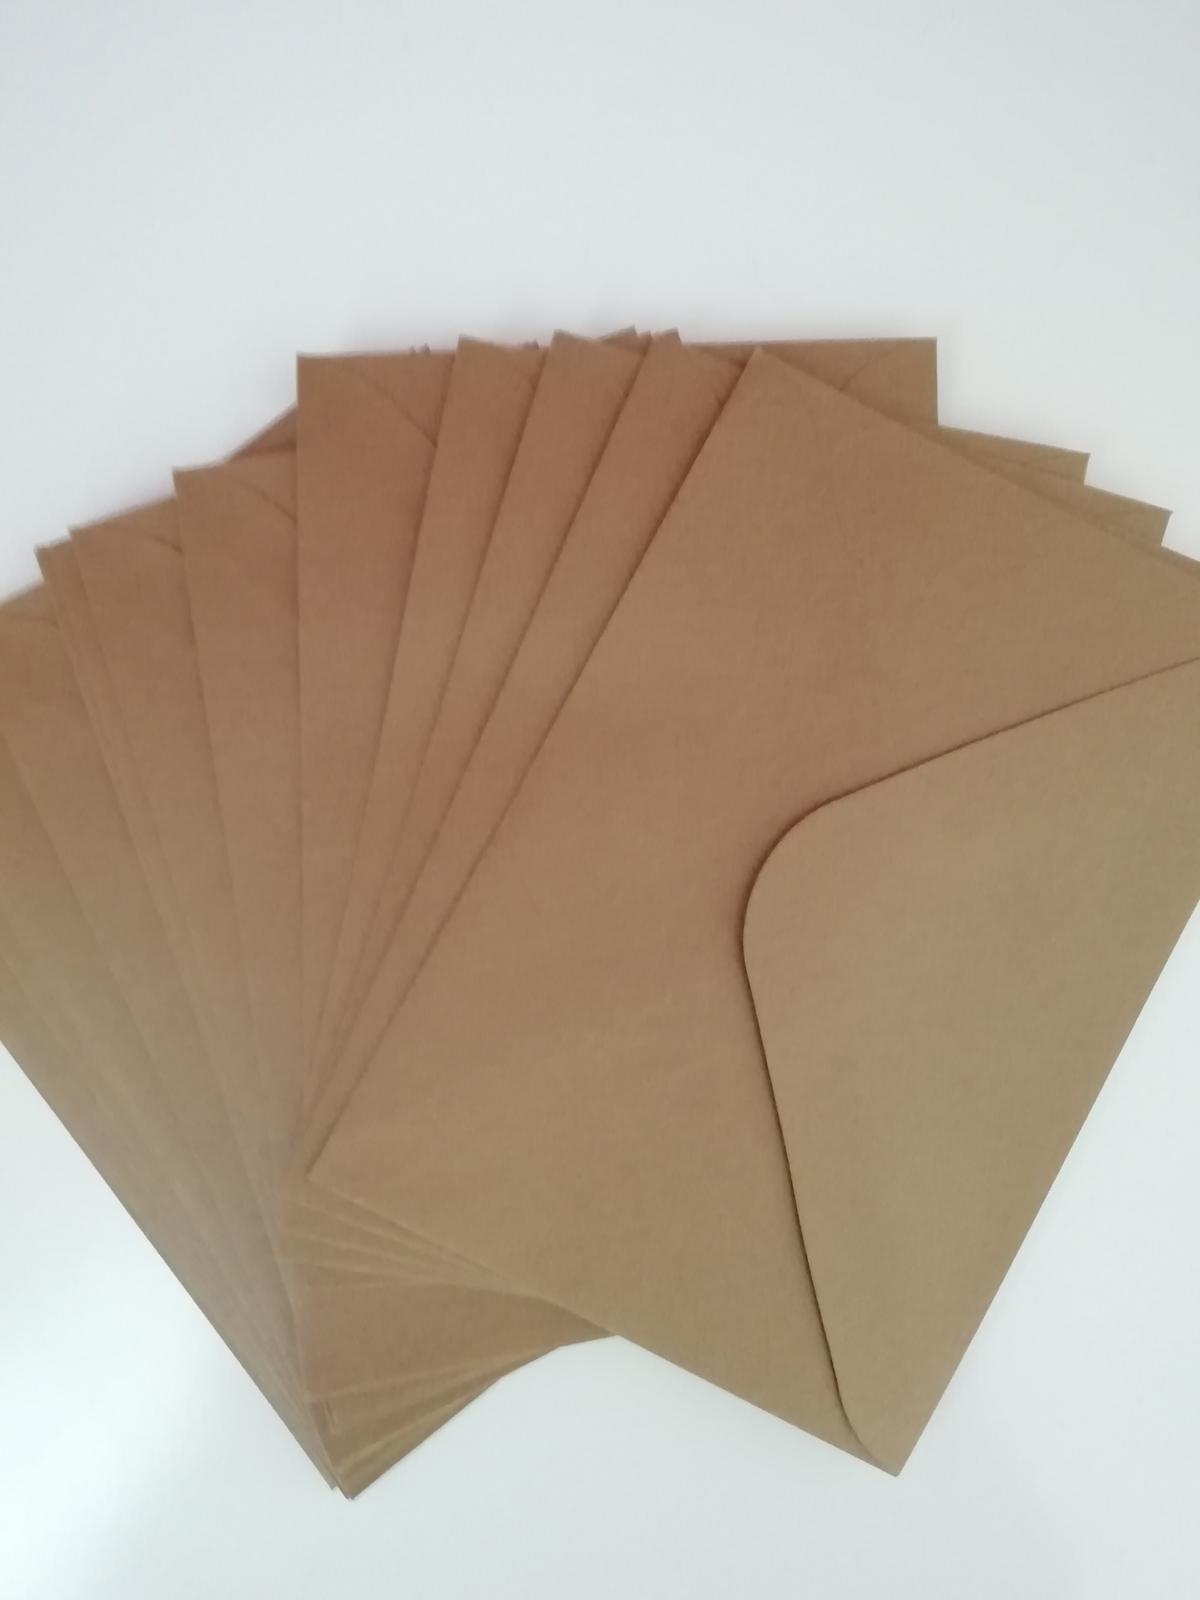 Obálky + pozvánky (peněženka) - Obrázek č. 1